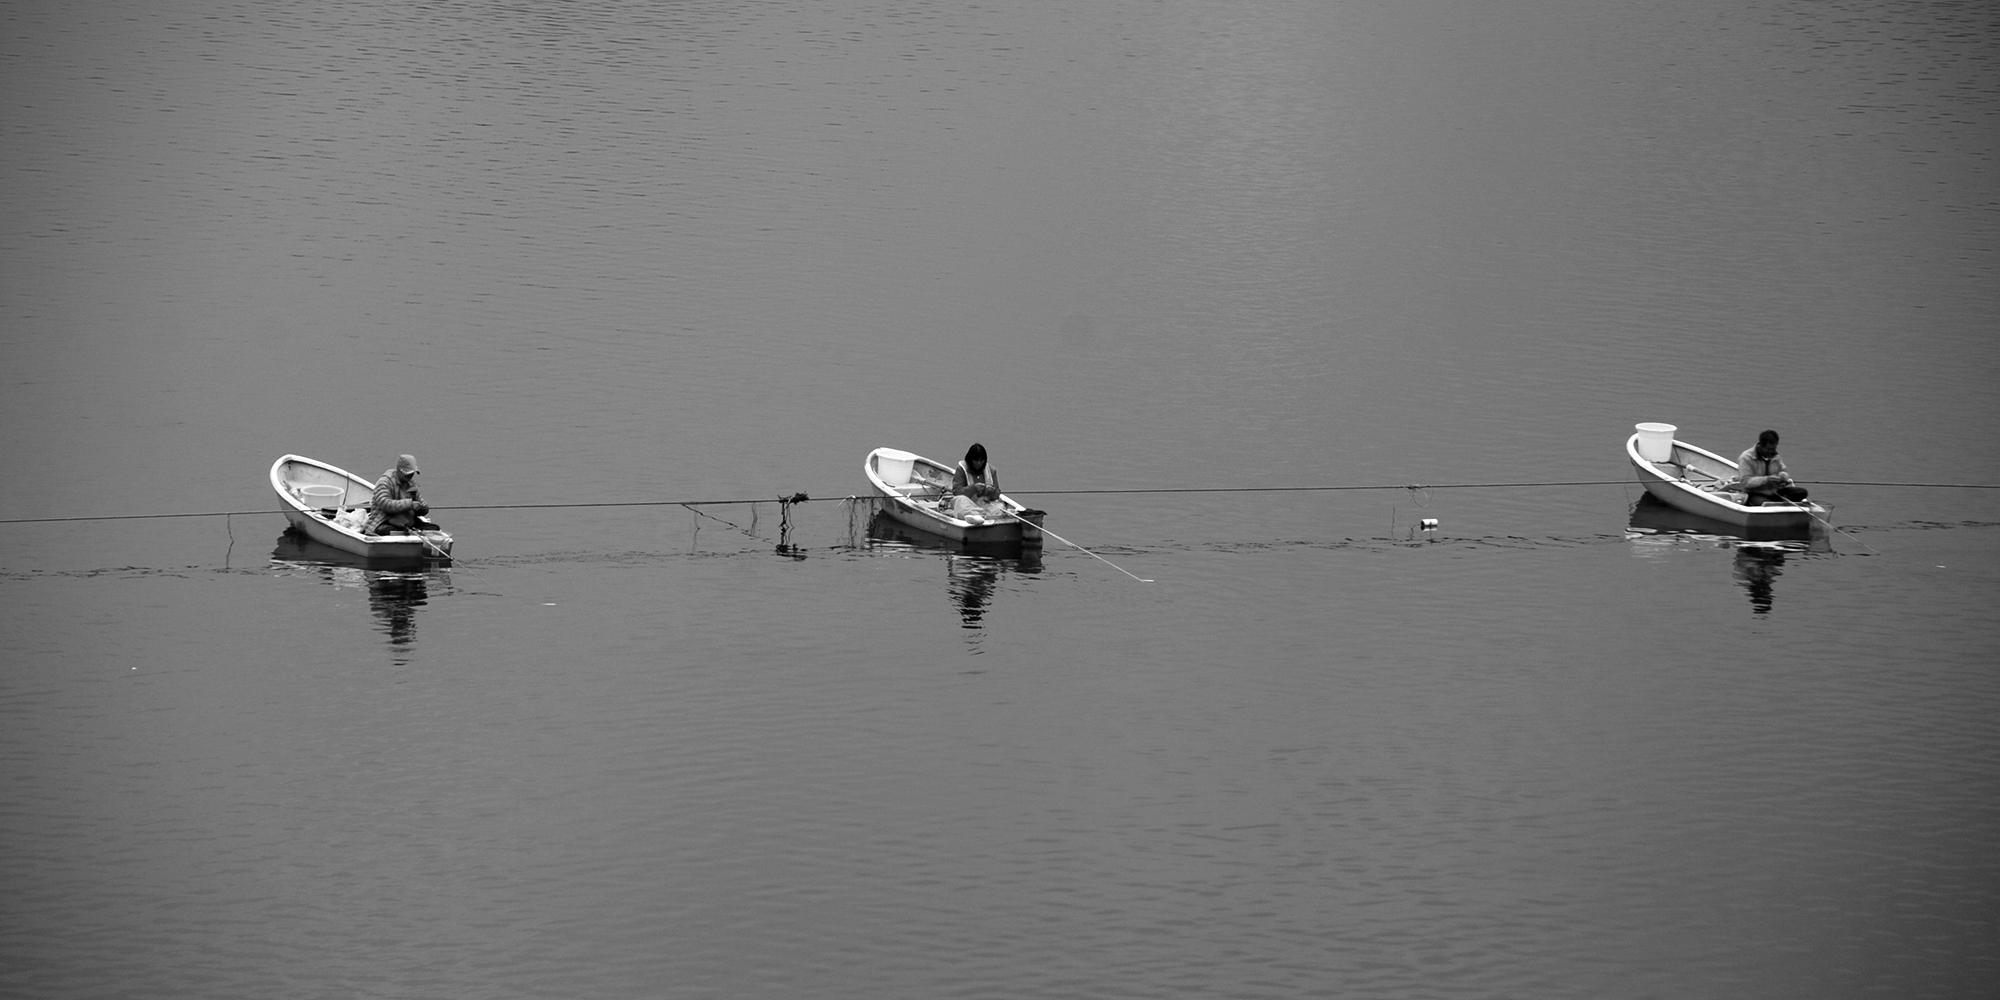 Drei Fischer beim Angeln, jeder in seinem Boot